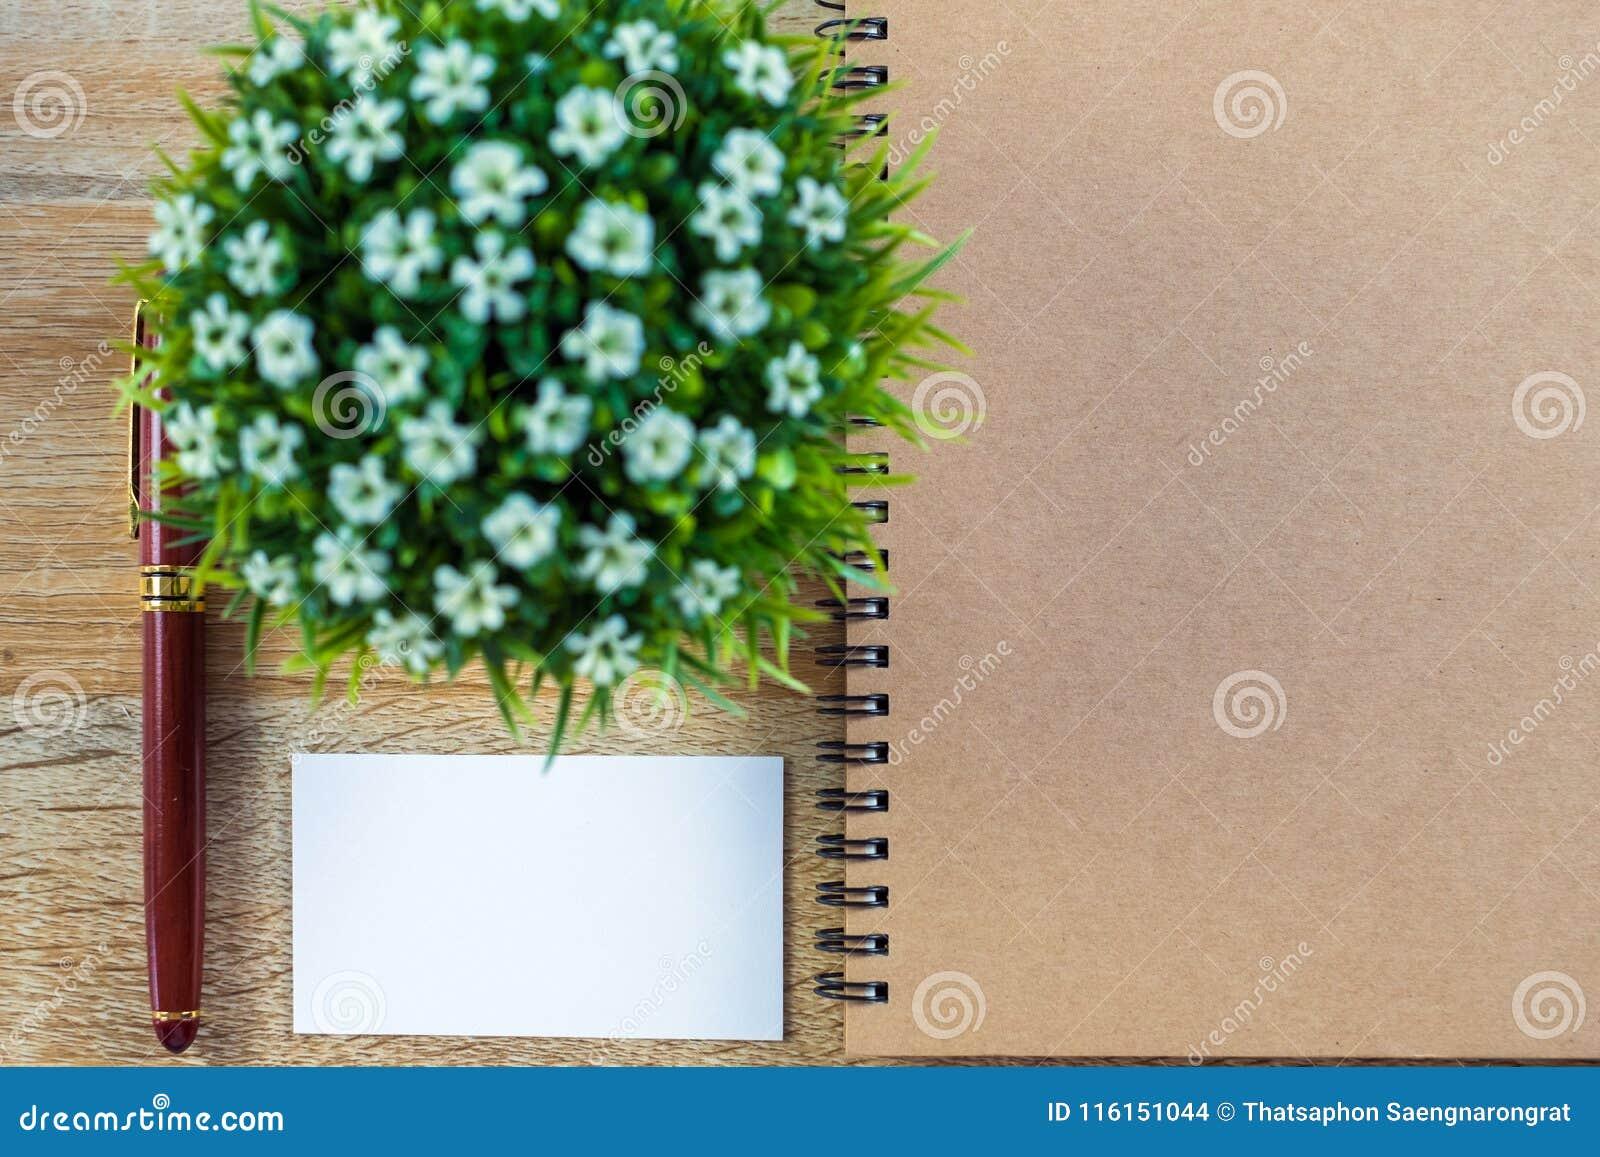 La Carte De Visite Professionnelle Ou Nominative Vierge Avec L Espace Pour